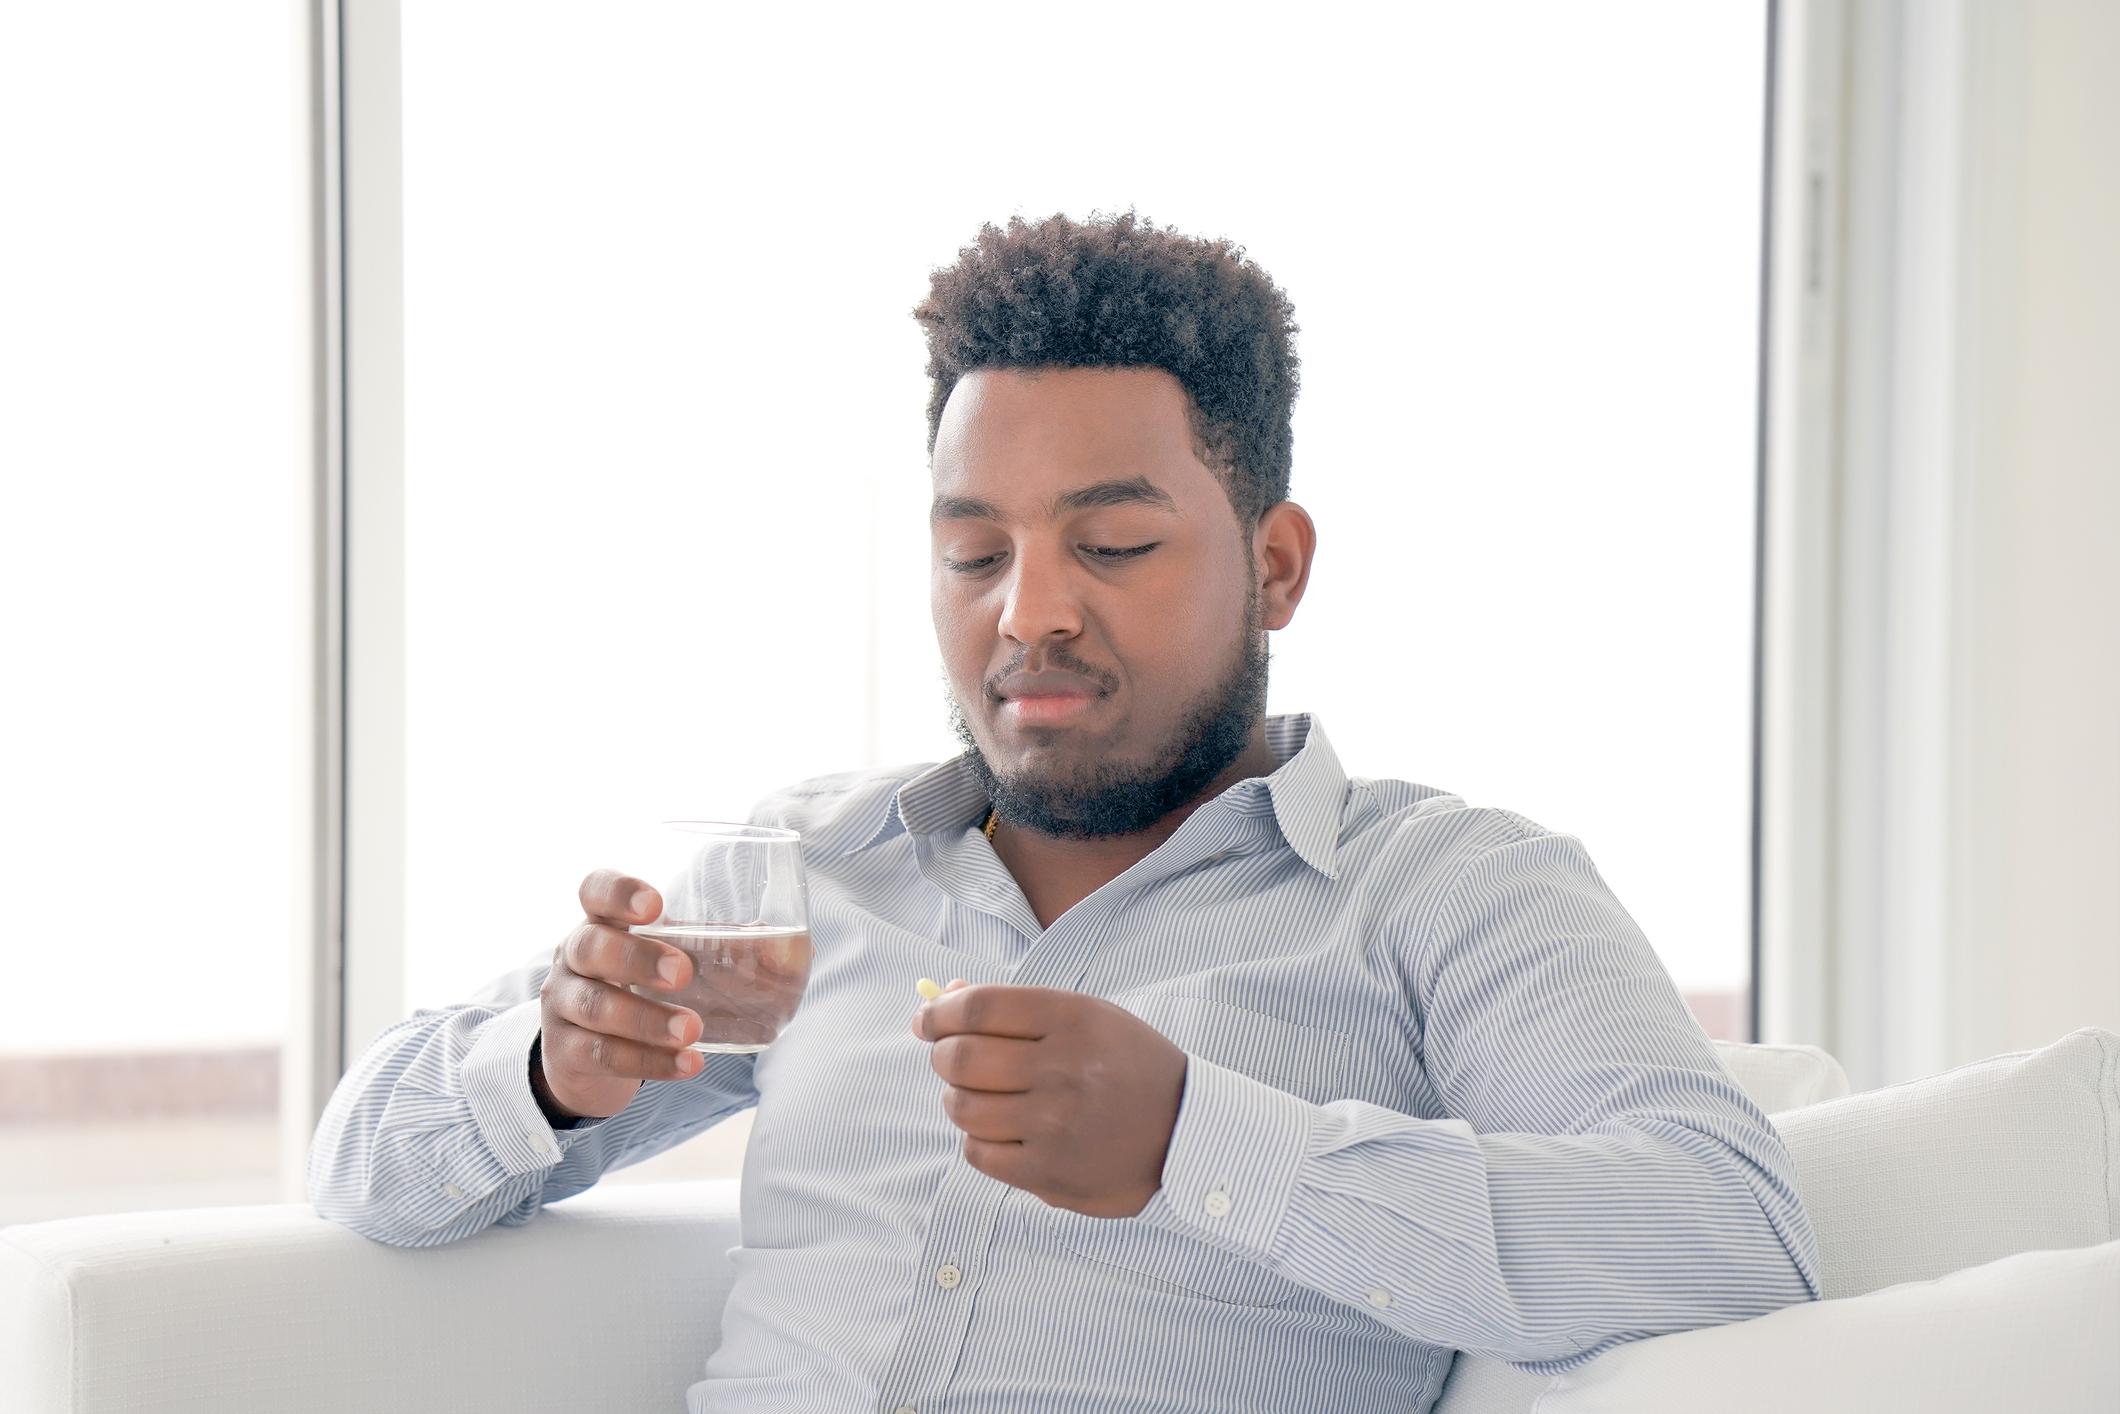 Daily aspirin almost doubles melanoma risk for men